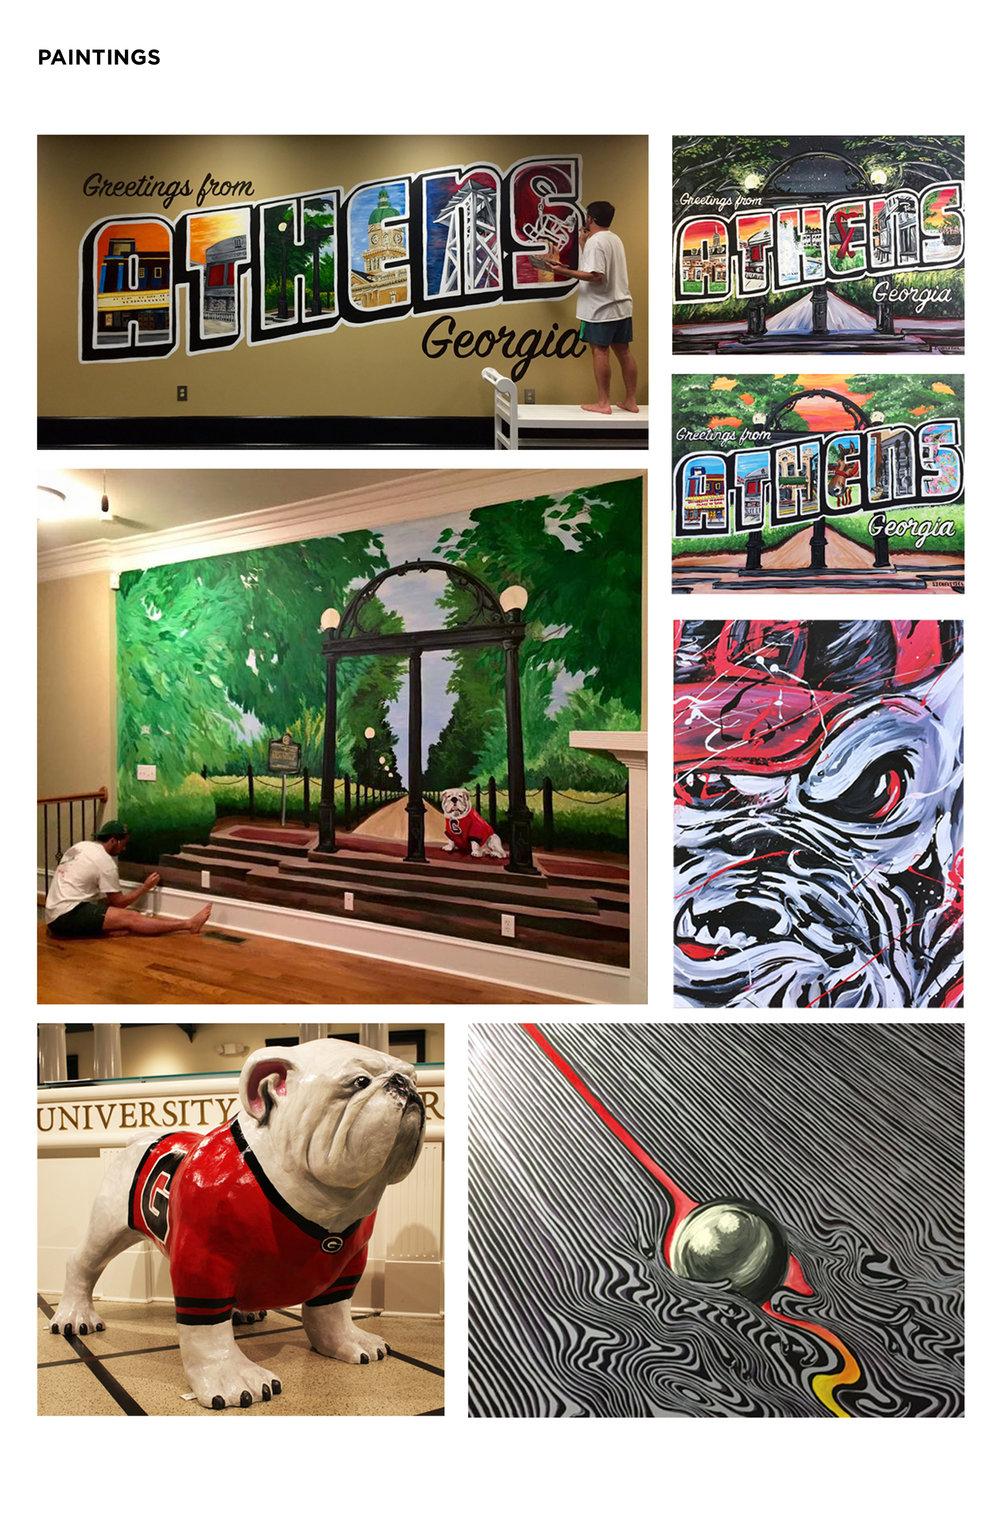 Paintings-PortfolioBoard-040319.jpg